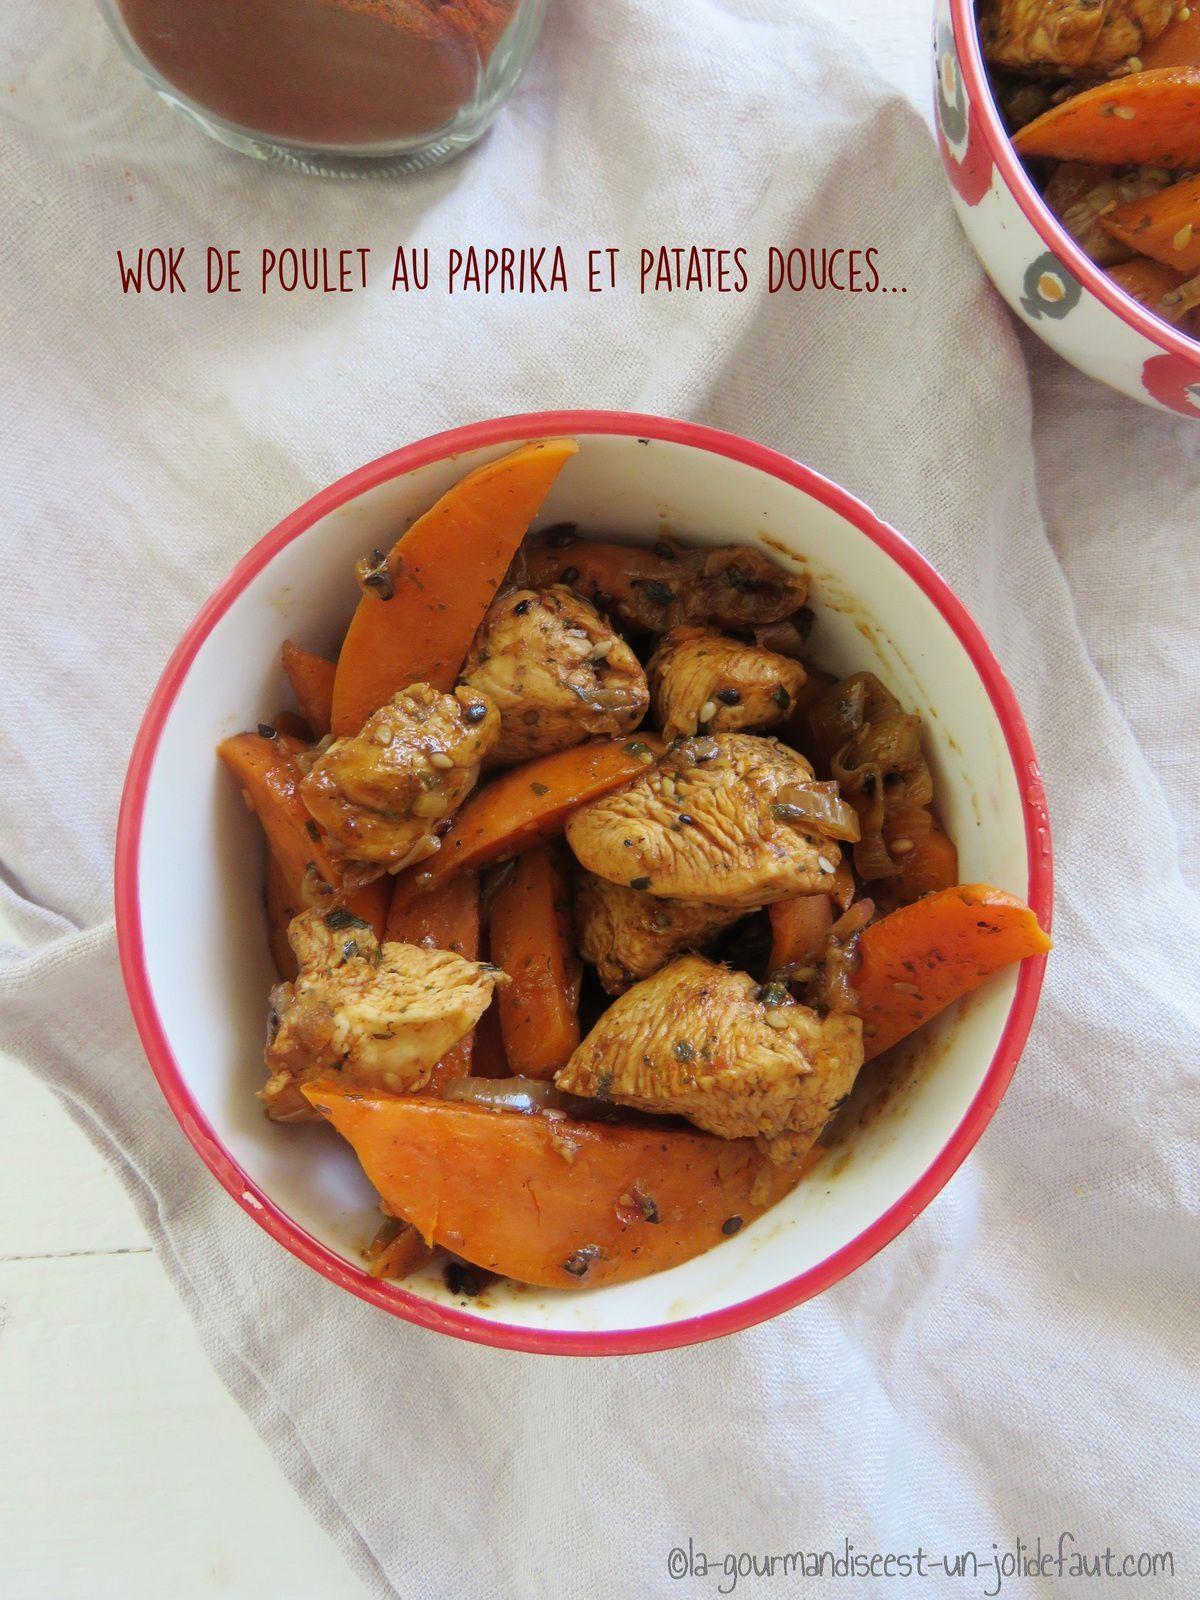 Wok de poulet au paprika et aux patates douces